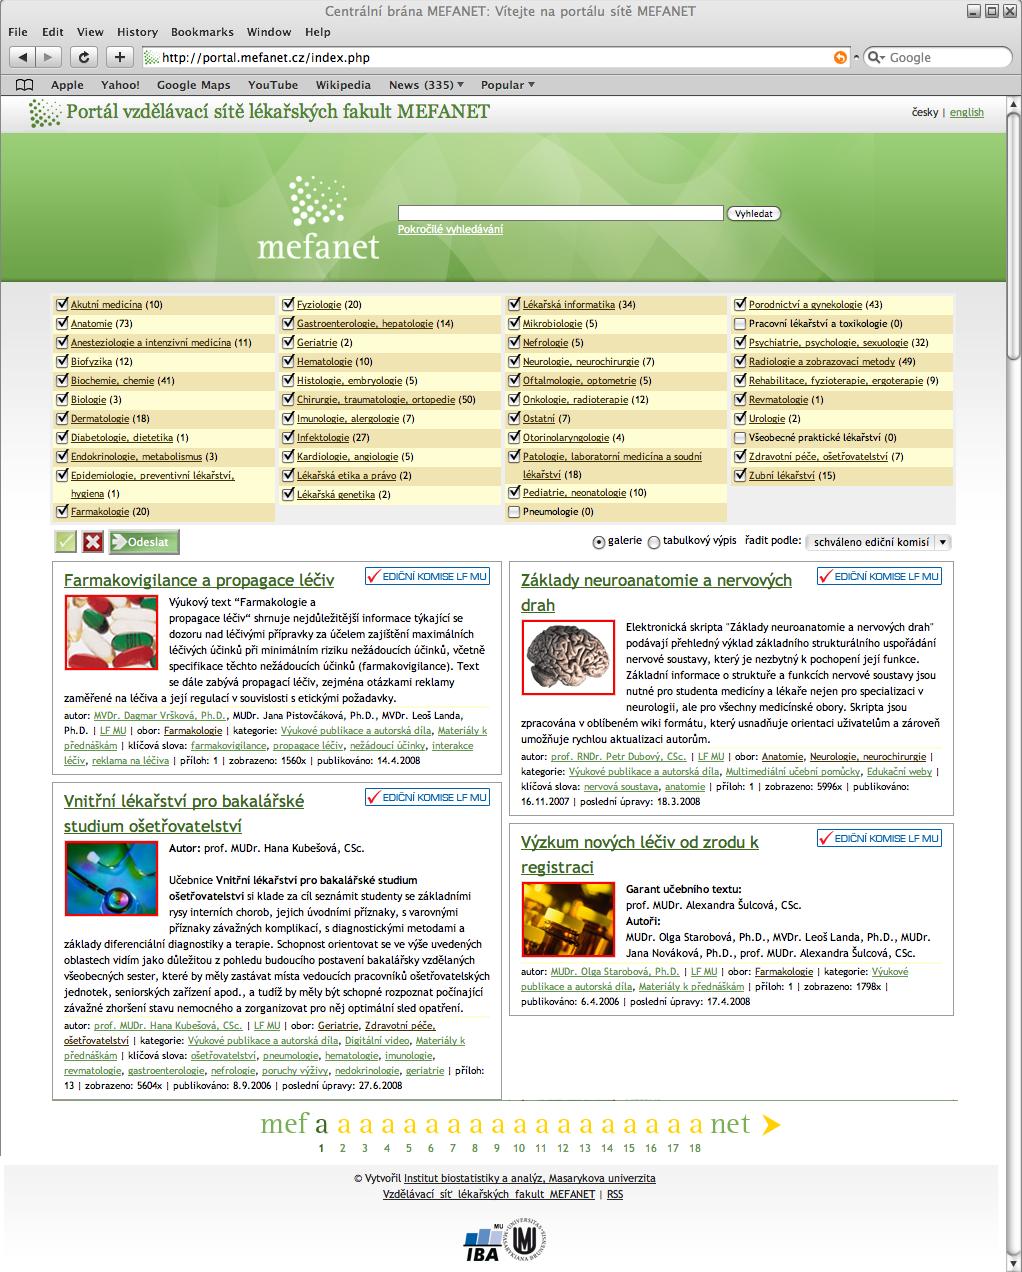 Obr. 2: Centrální brána (http://portal.mefanet.cz/) vzájemně propojuje edukační webové portály všech zúčastněných lékařských fakult